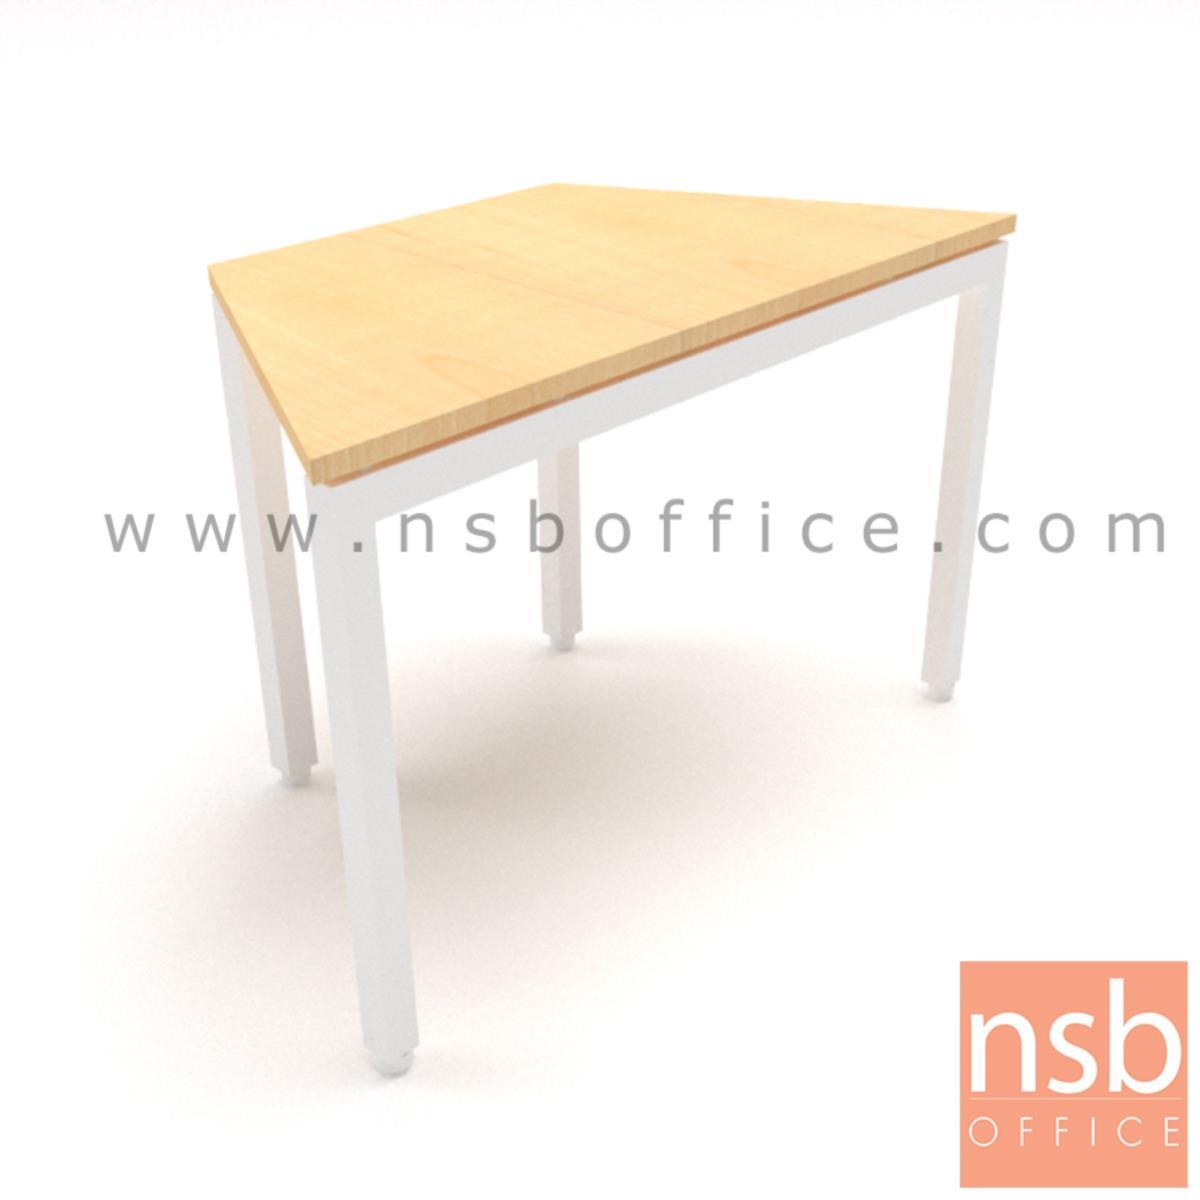 A10A074:โต๊ะทำงานทรงคางหมูไม่มีล้อ รุ่น Pomelo (โพเมโล่) ขนาด 105W ,120W ,140W ,180W cm.  โครงขาเหล็กเหลี่ยม